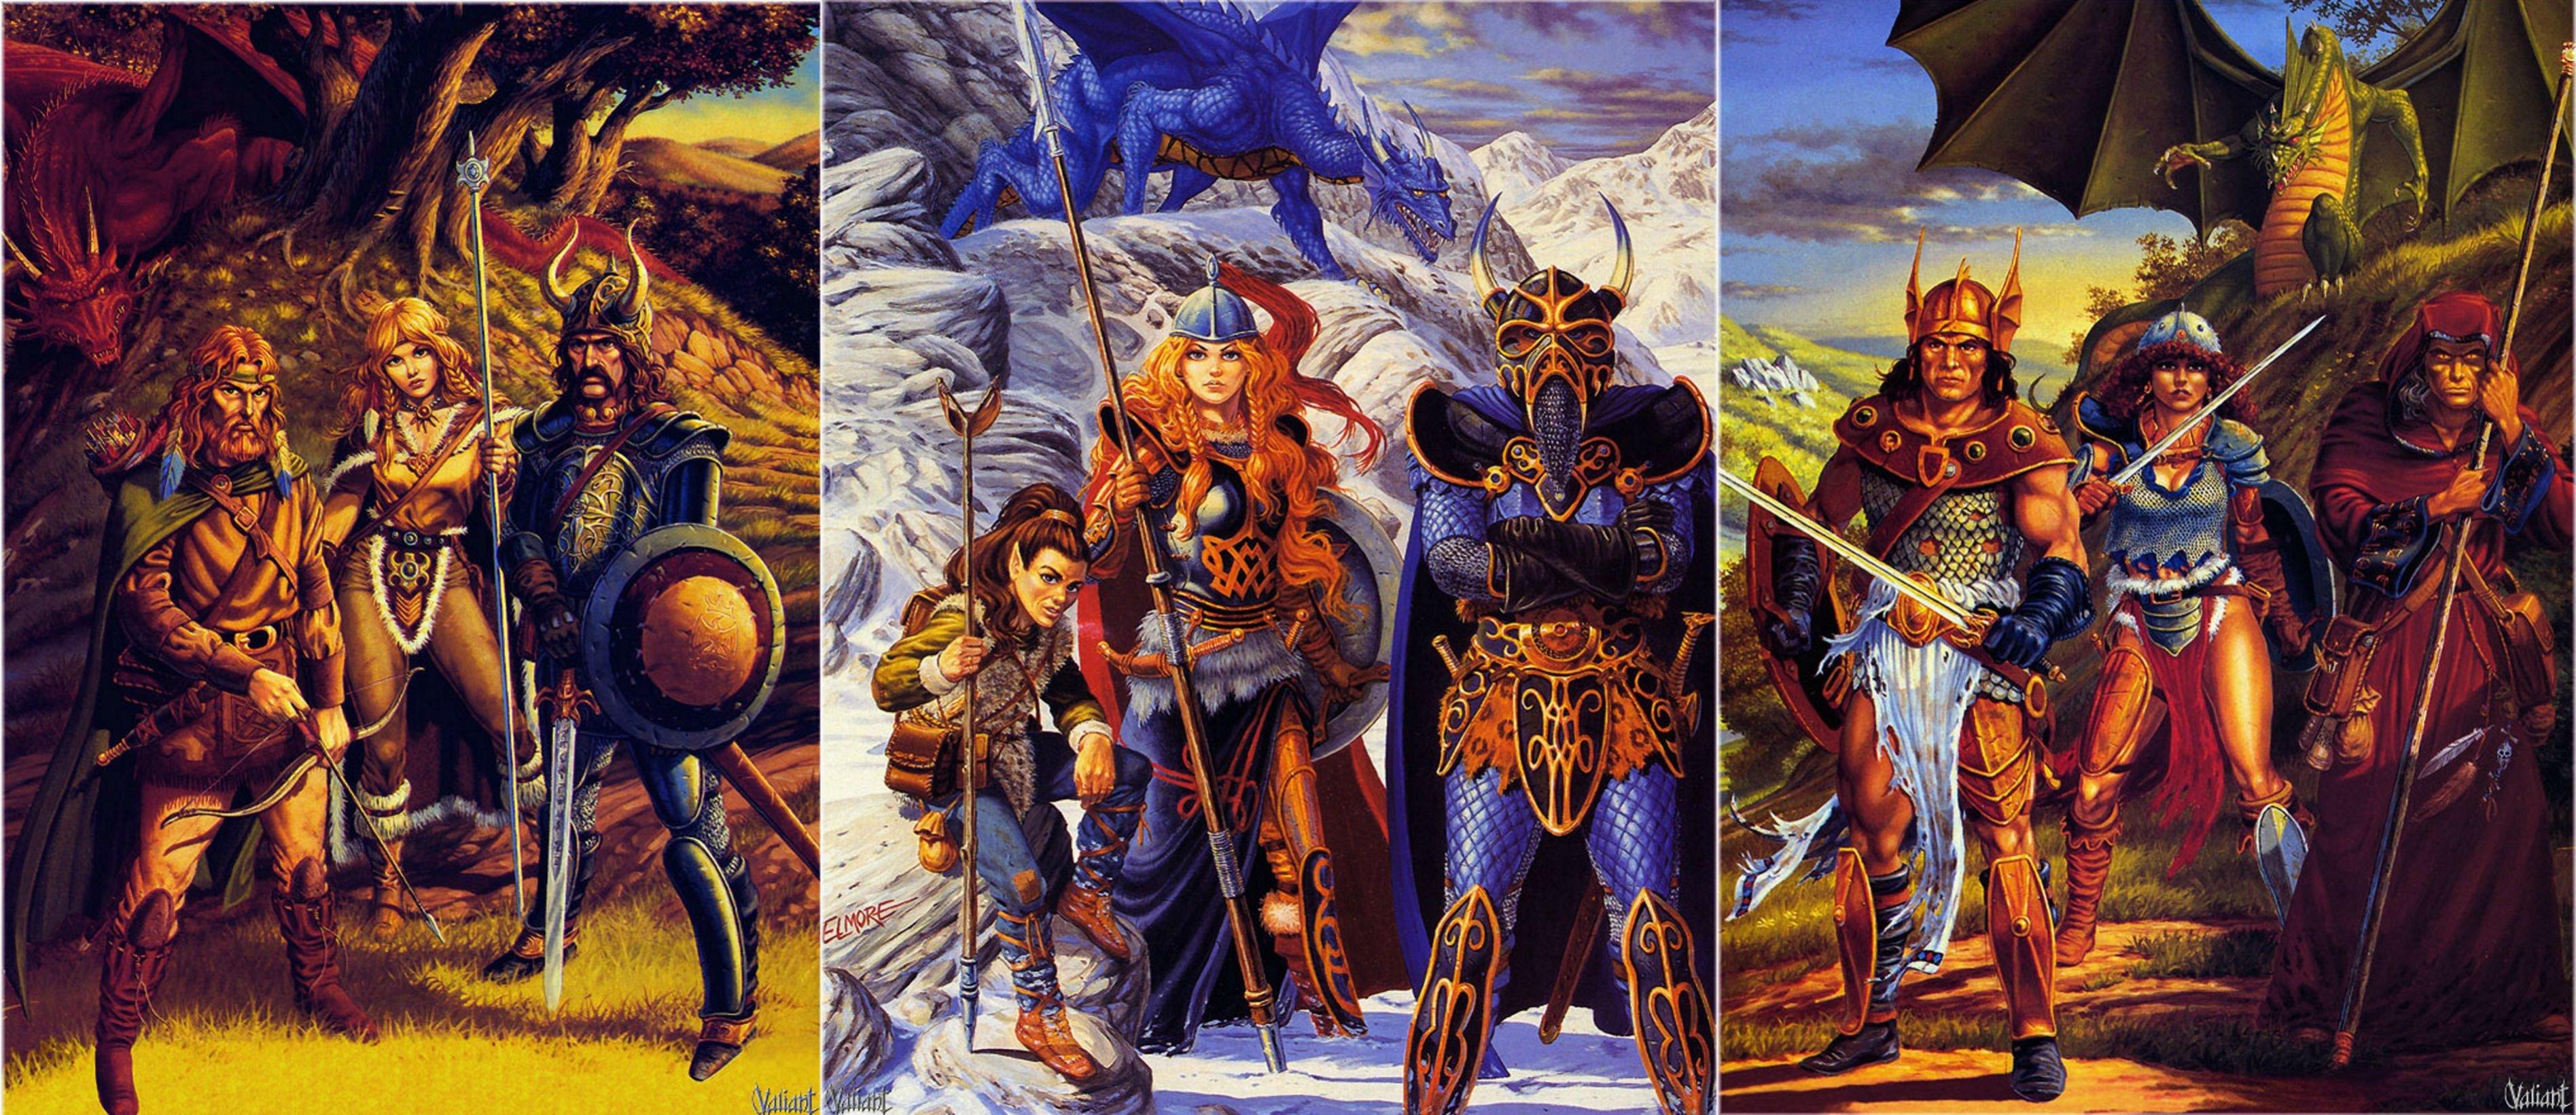 dragonlance-chronicles-trilogy-covers-tsr--larry-elmore-wallpaper.jpg